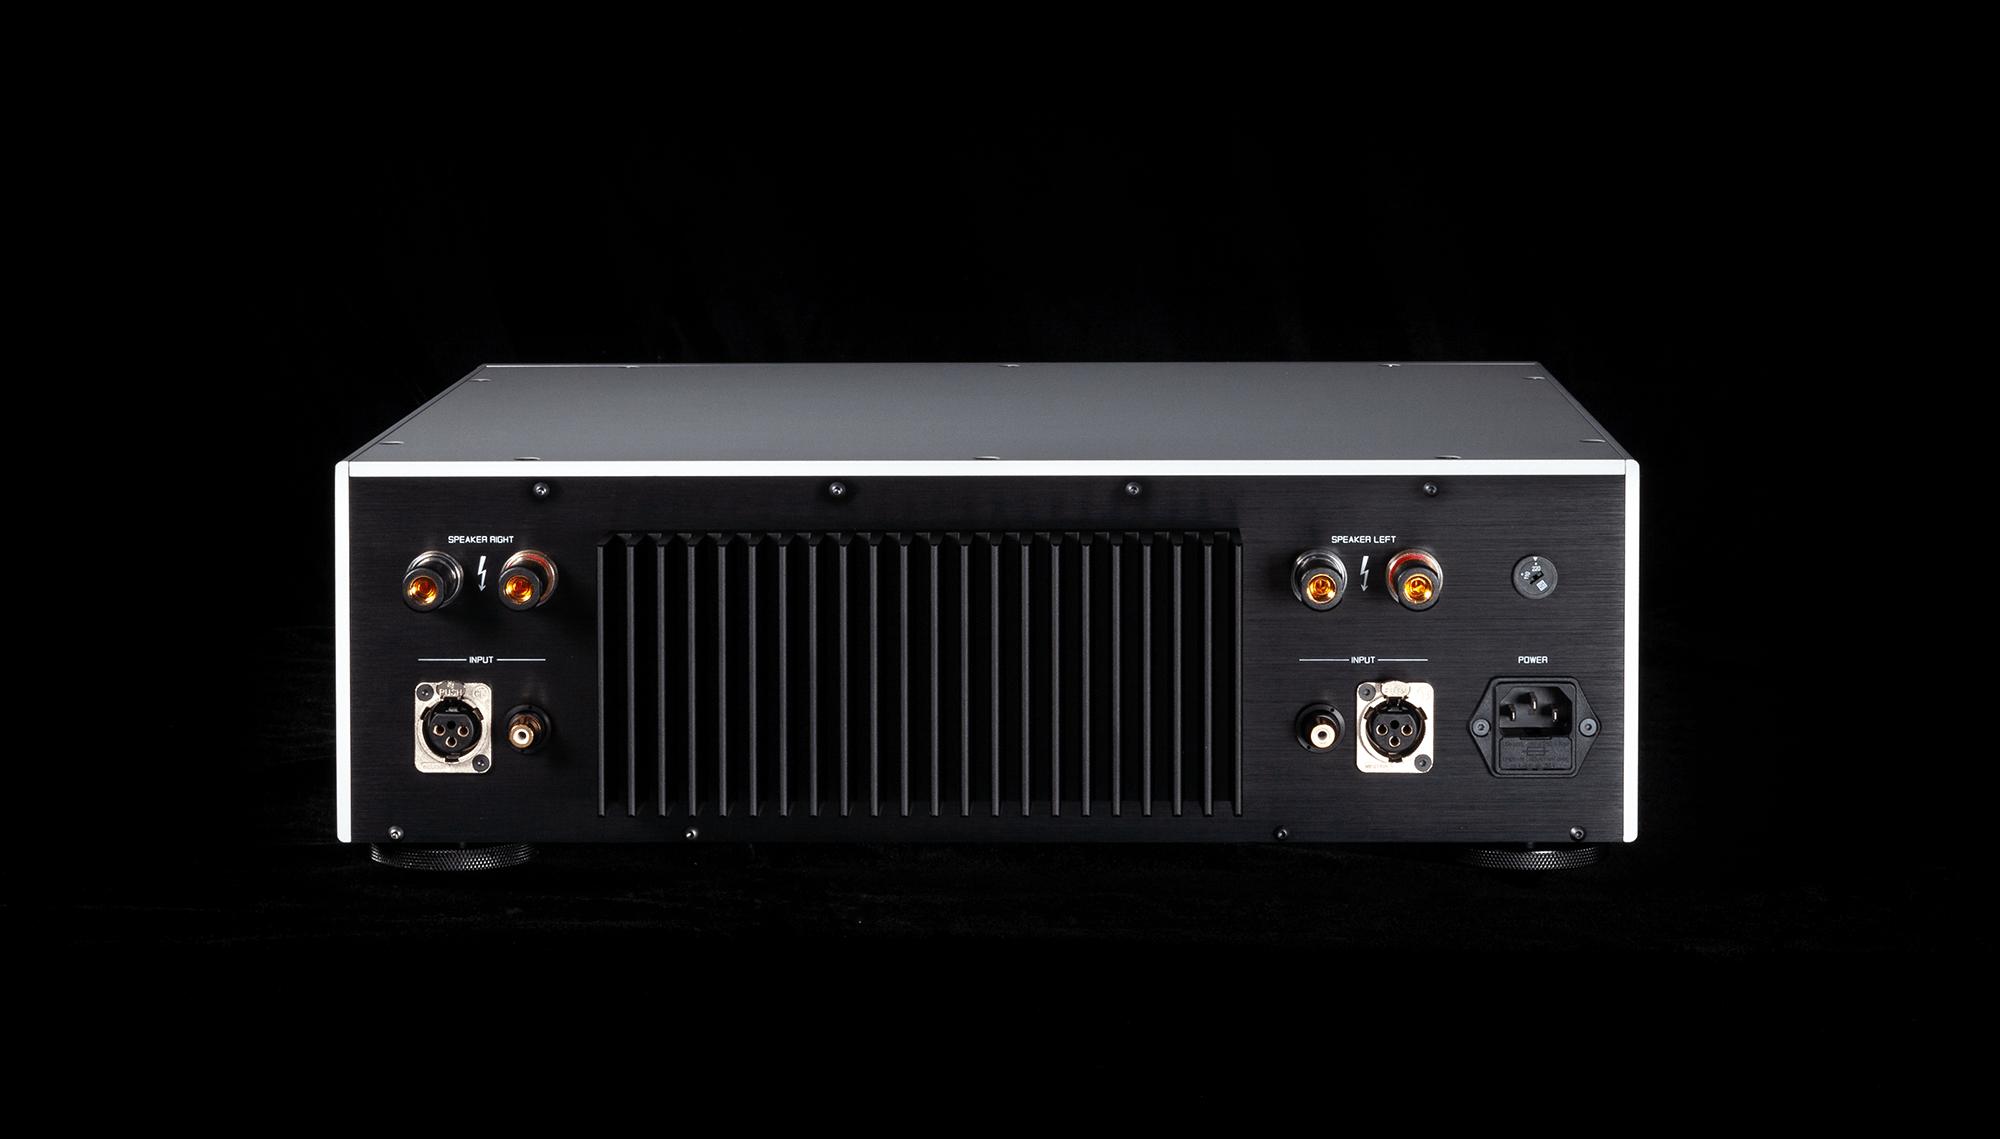 Telos 300 stereo amplifier rear connectors